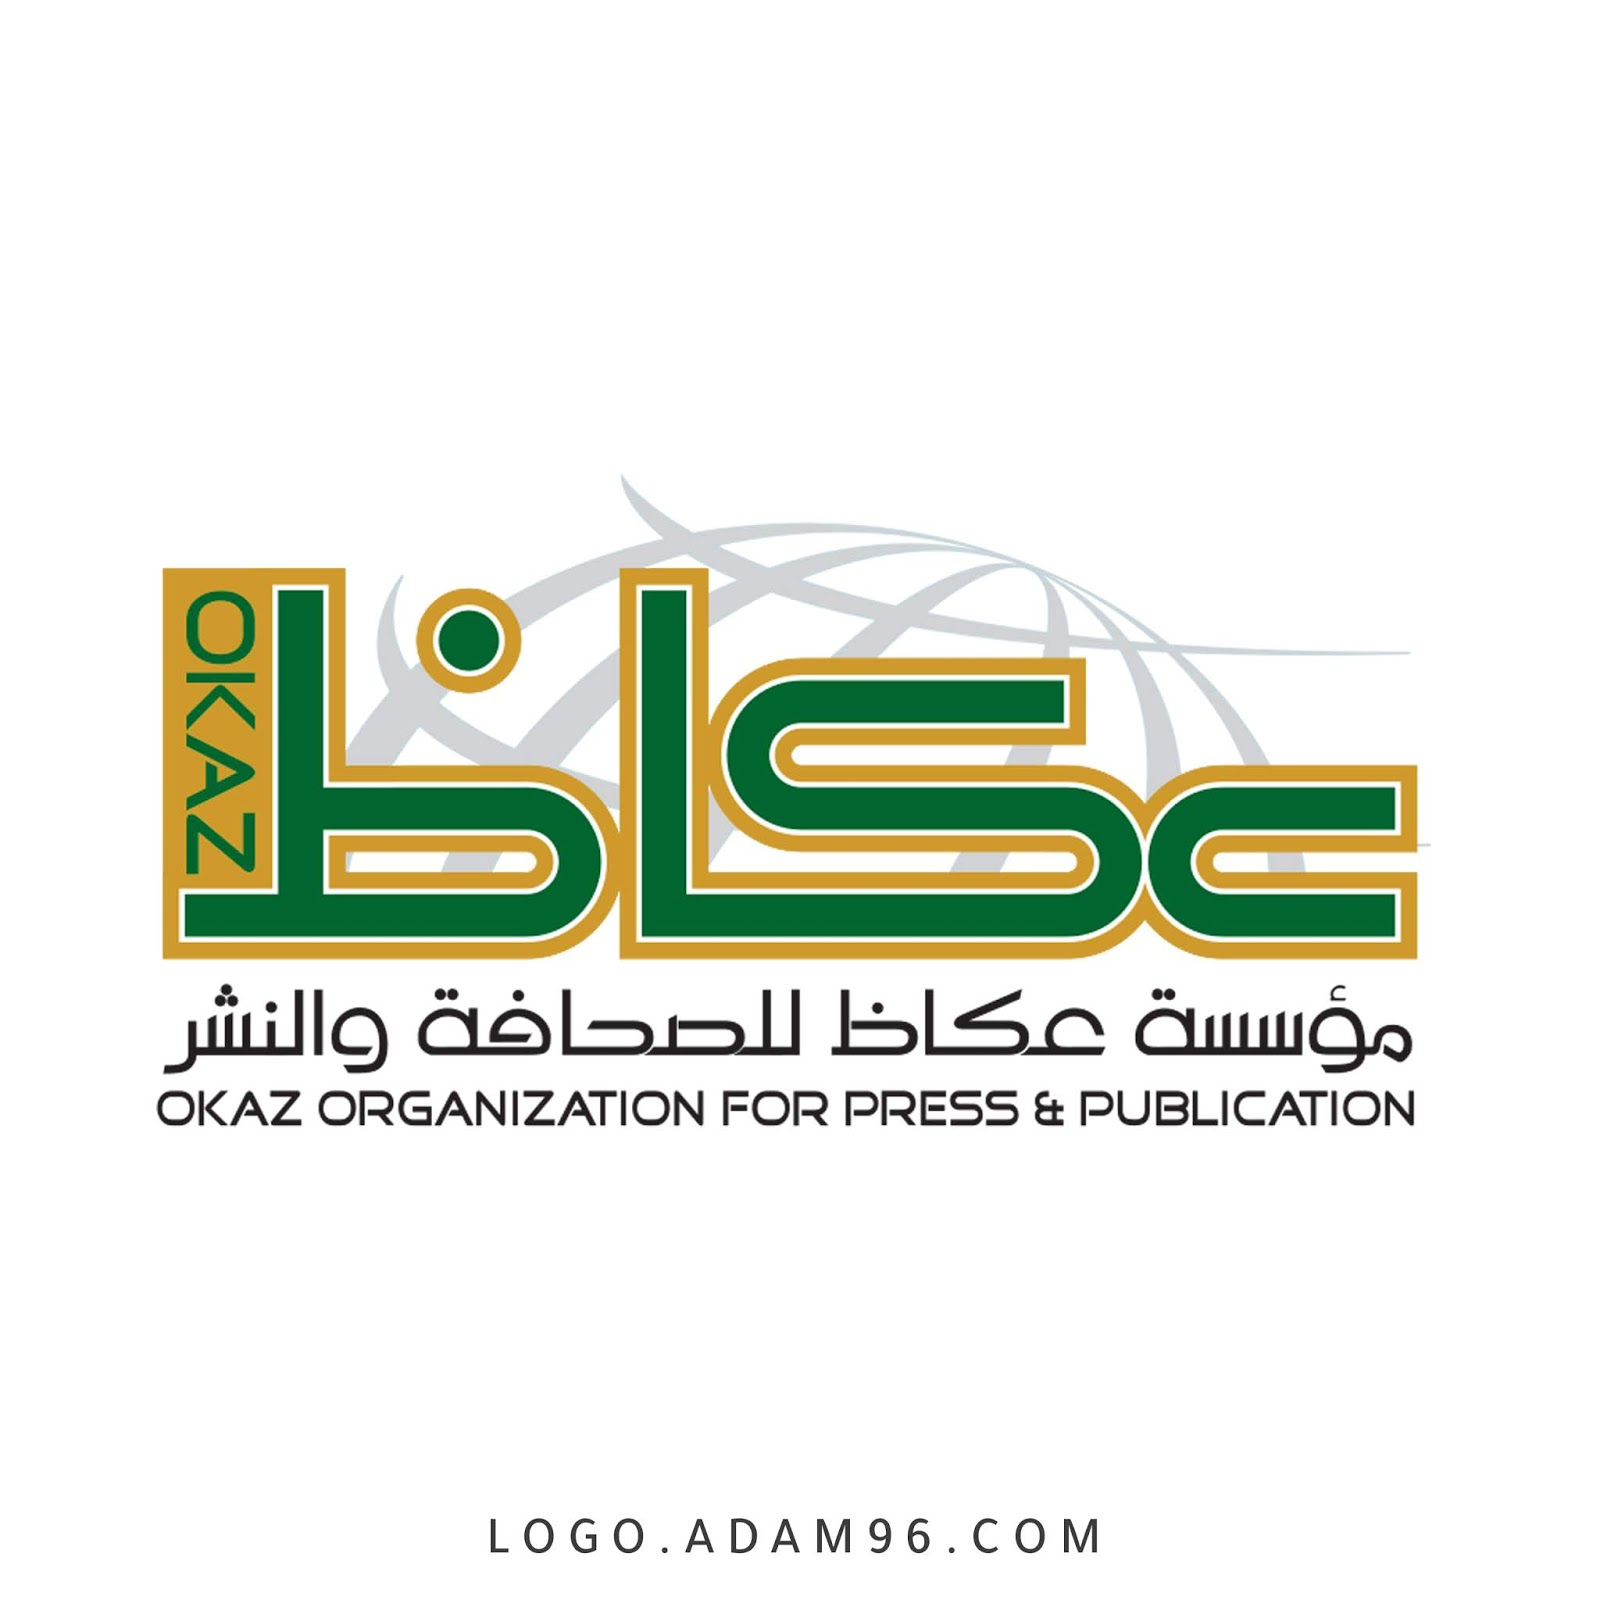 تحميل شعار مؤسسة عكاظ للصحافة والنشر PNG